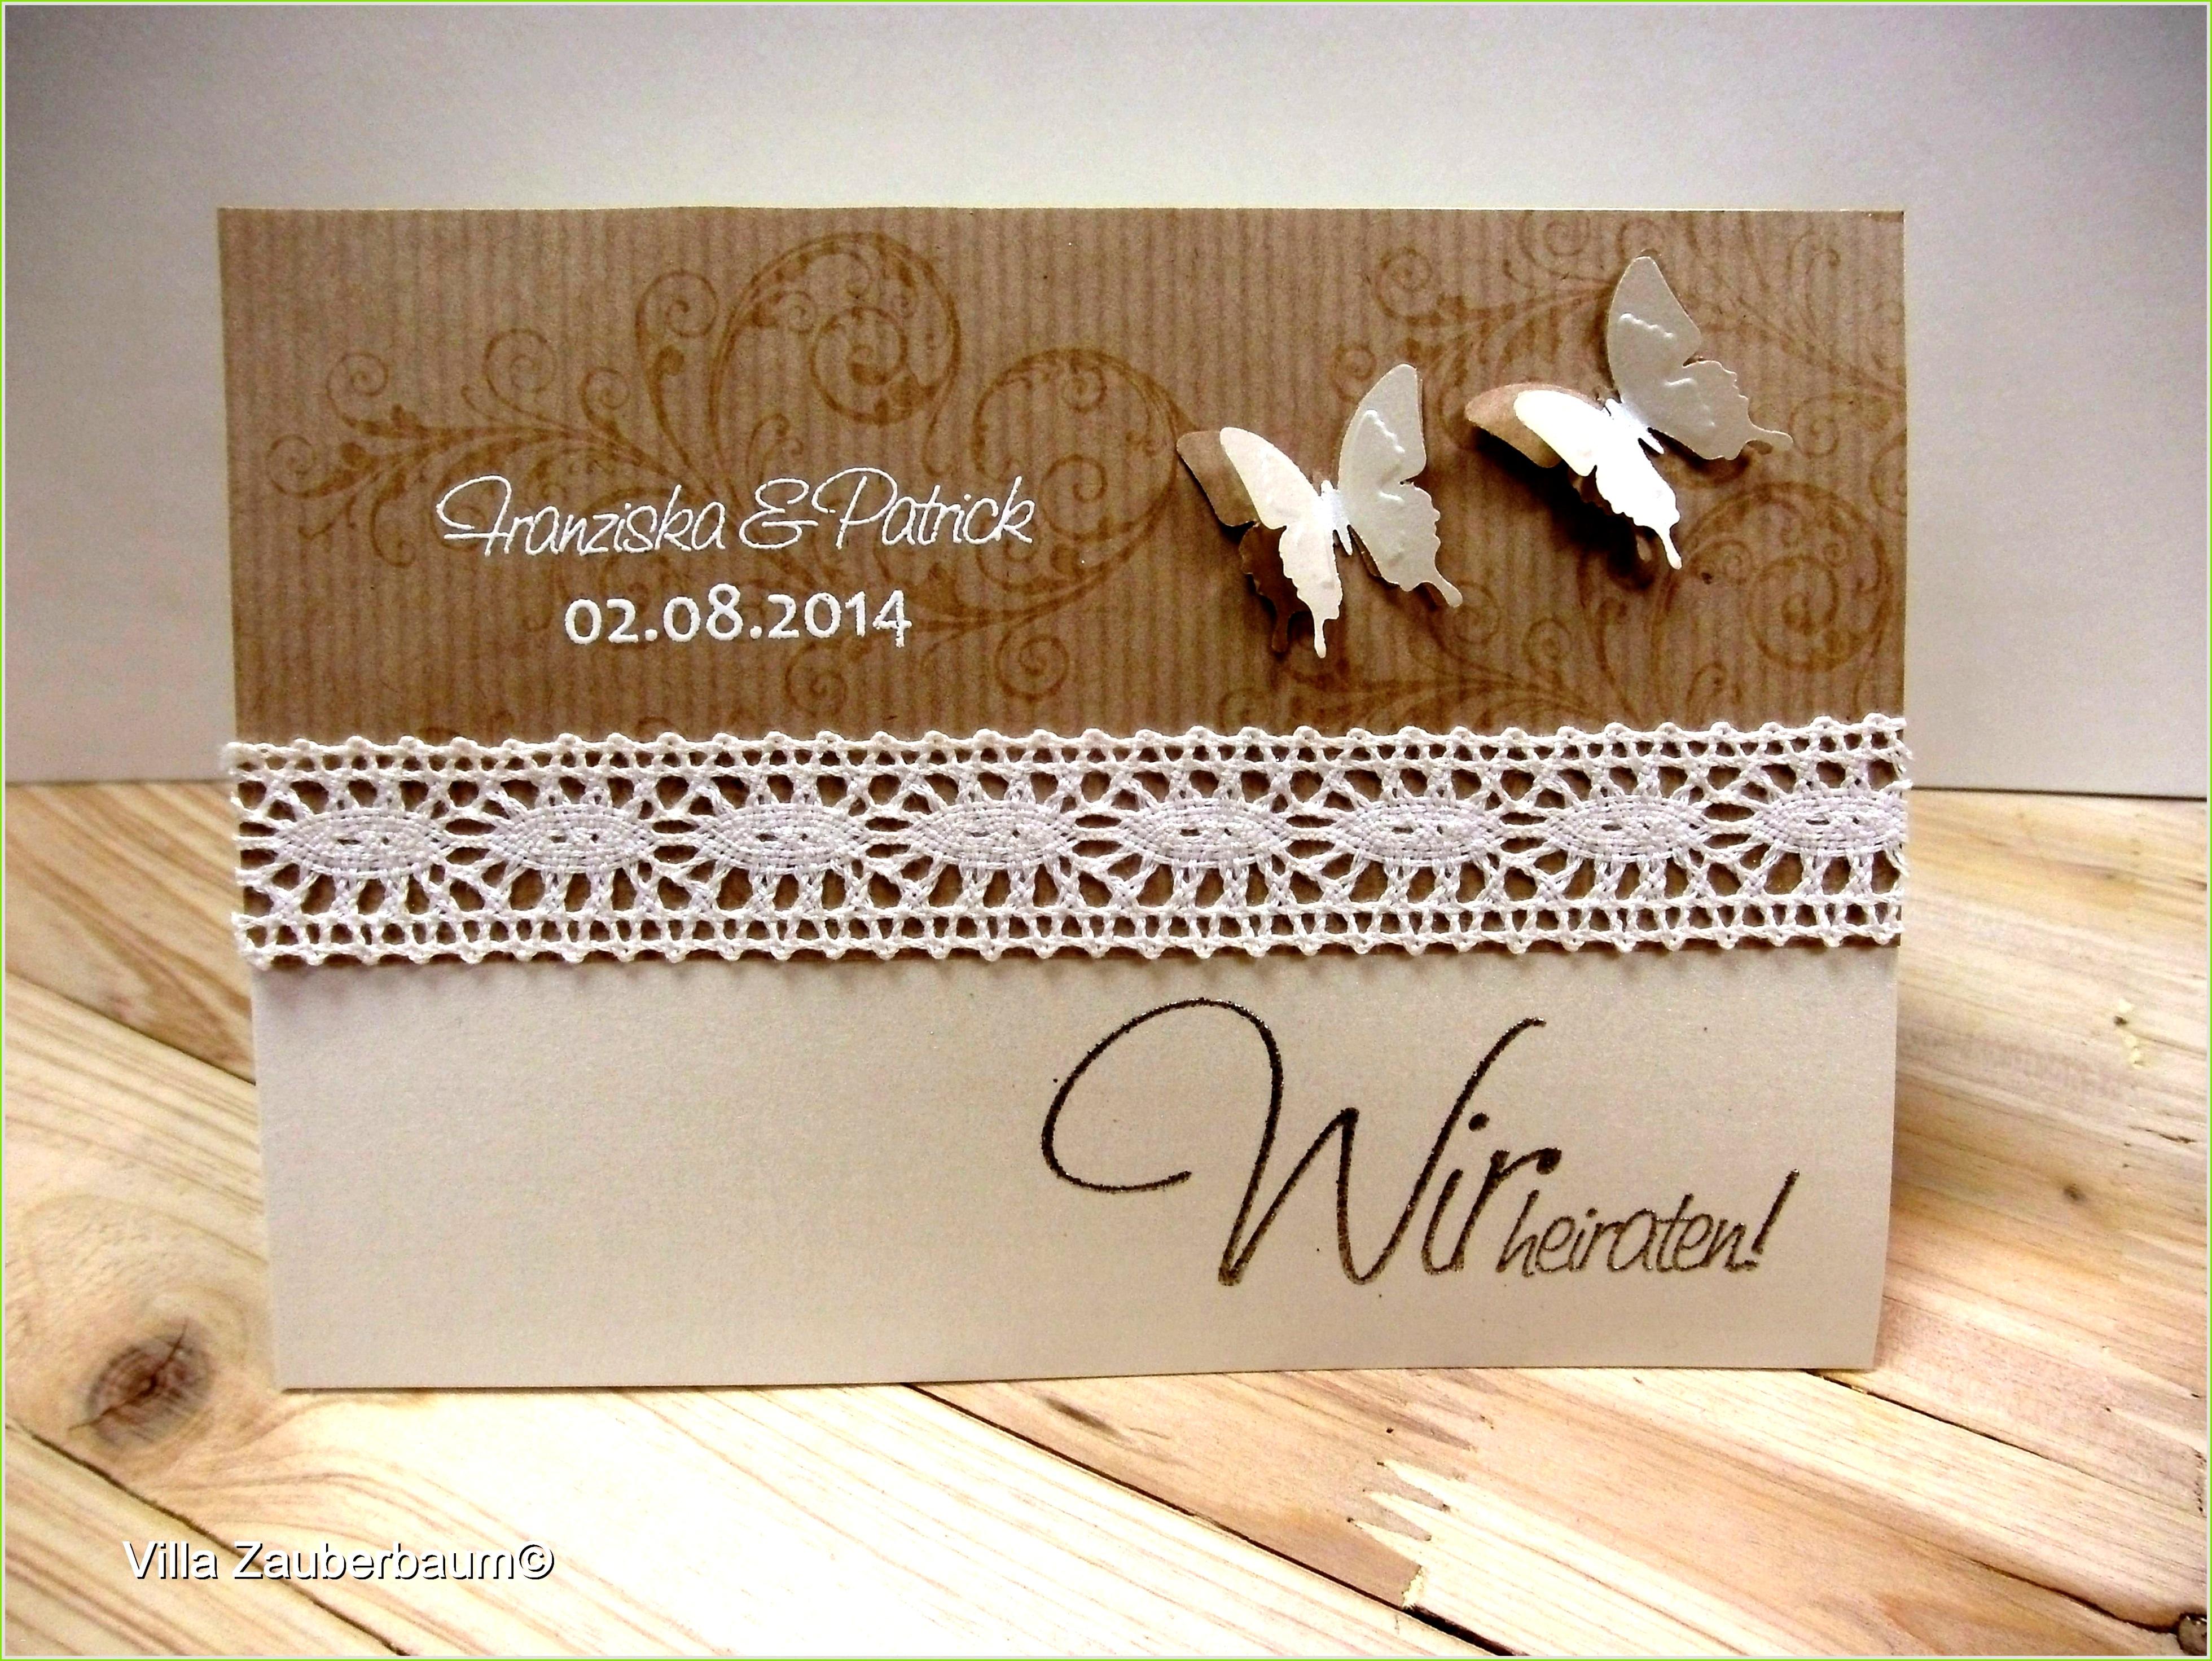 Einladungskarten Hochzeit Vorlagen Beschreibung Muster Einladungskarten Hochzeit Download Media Image 0d 59 82